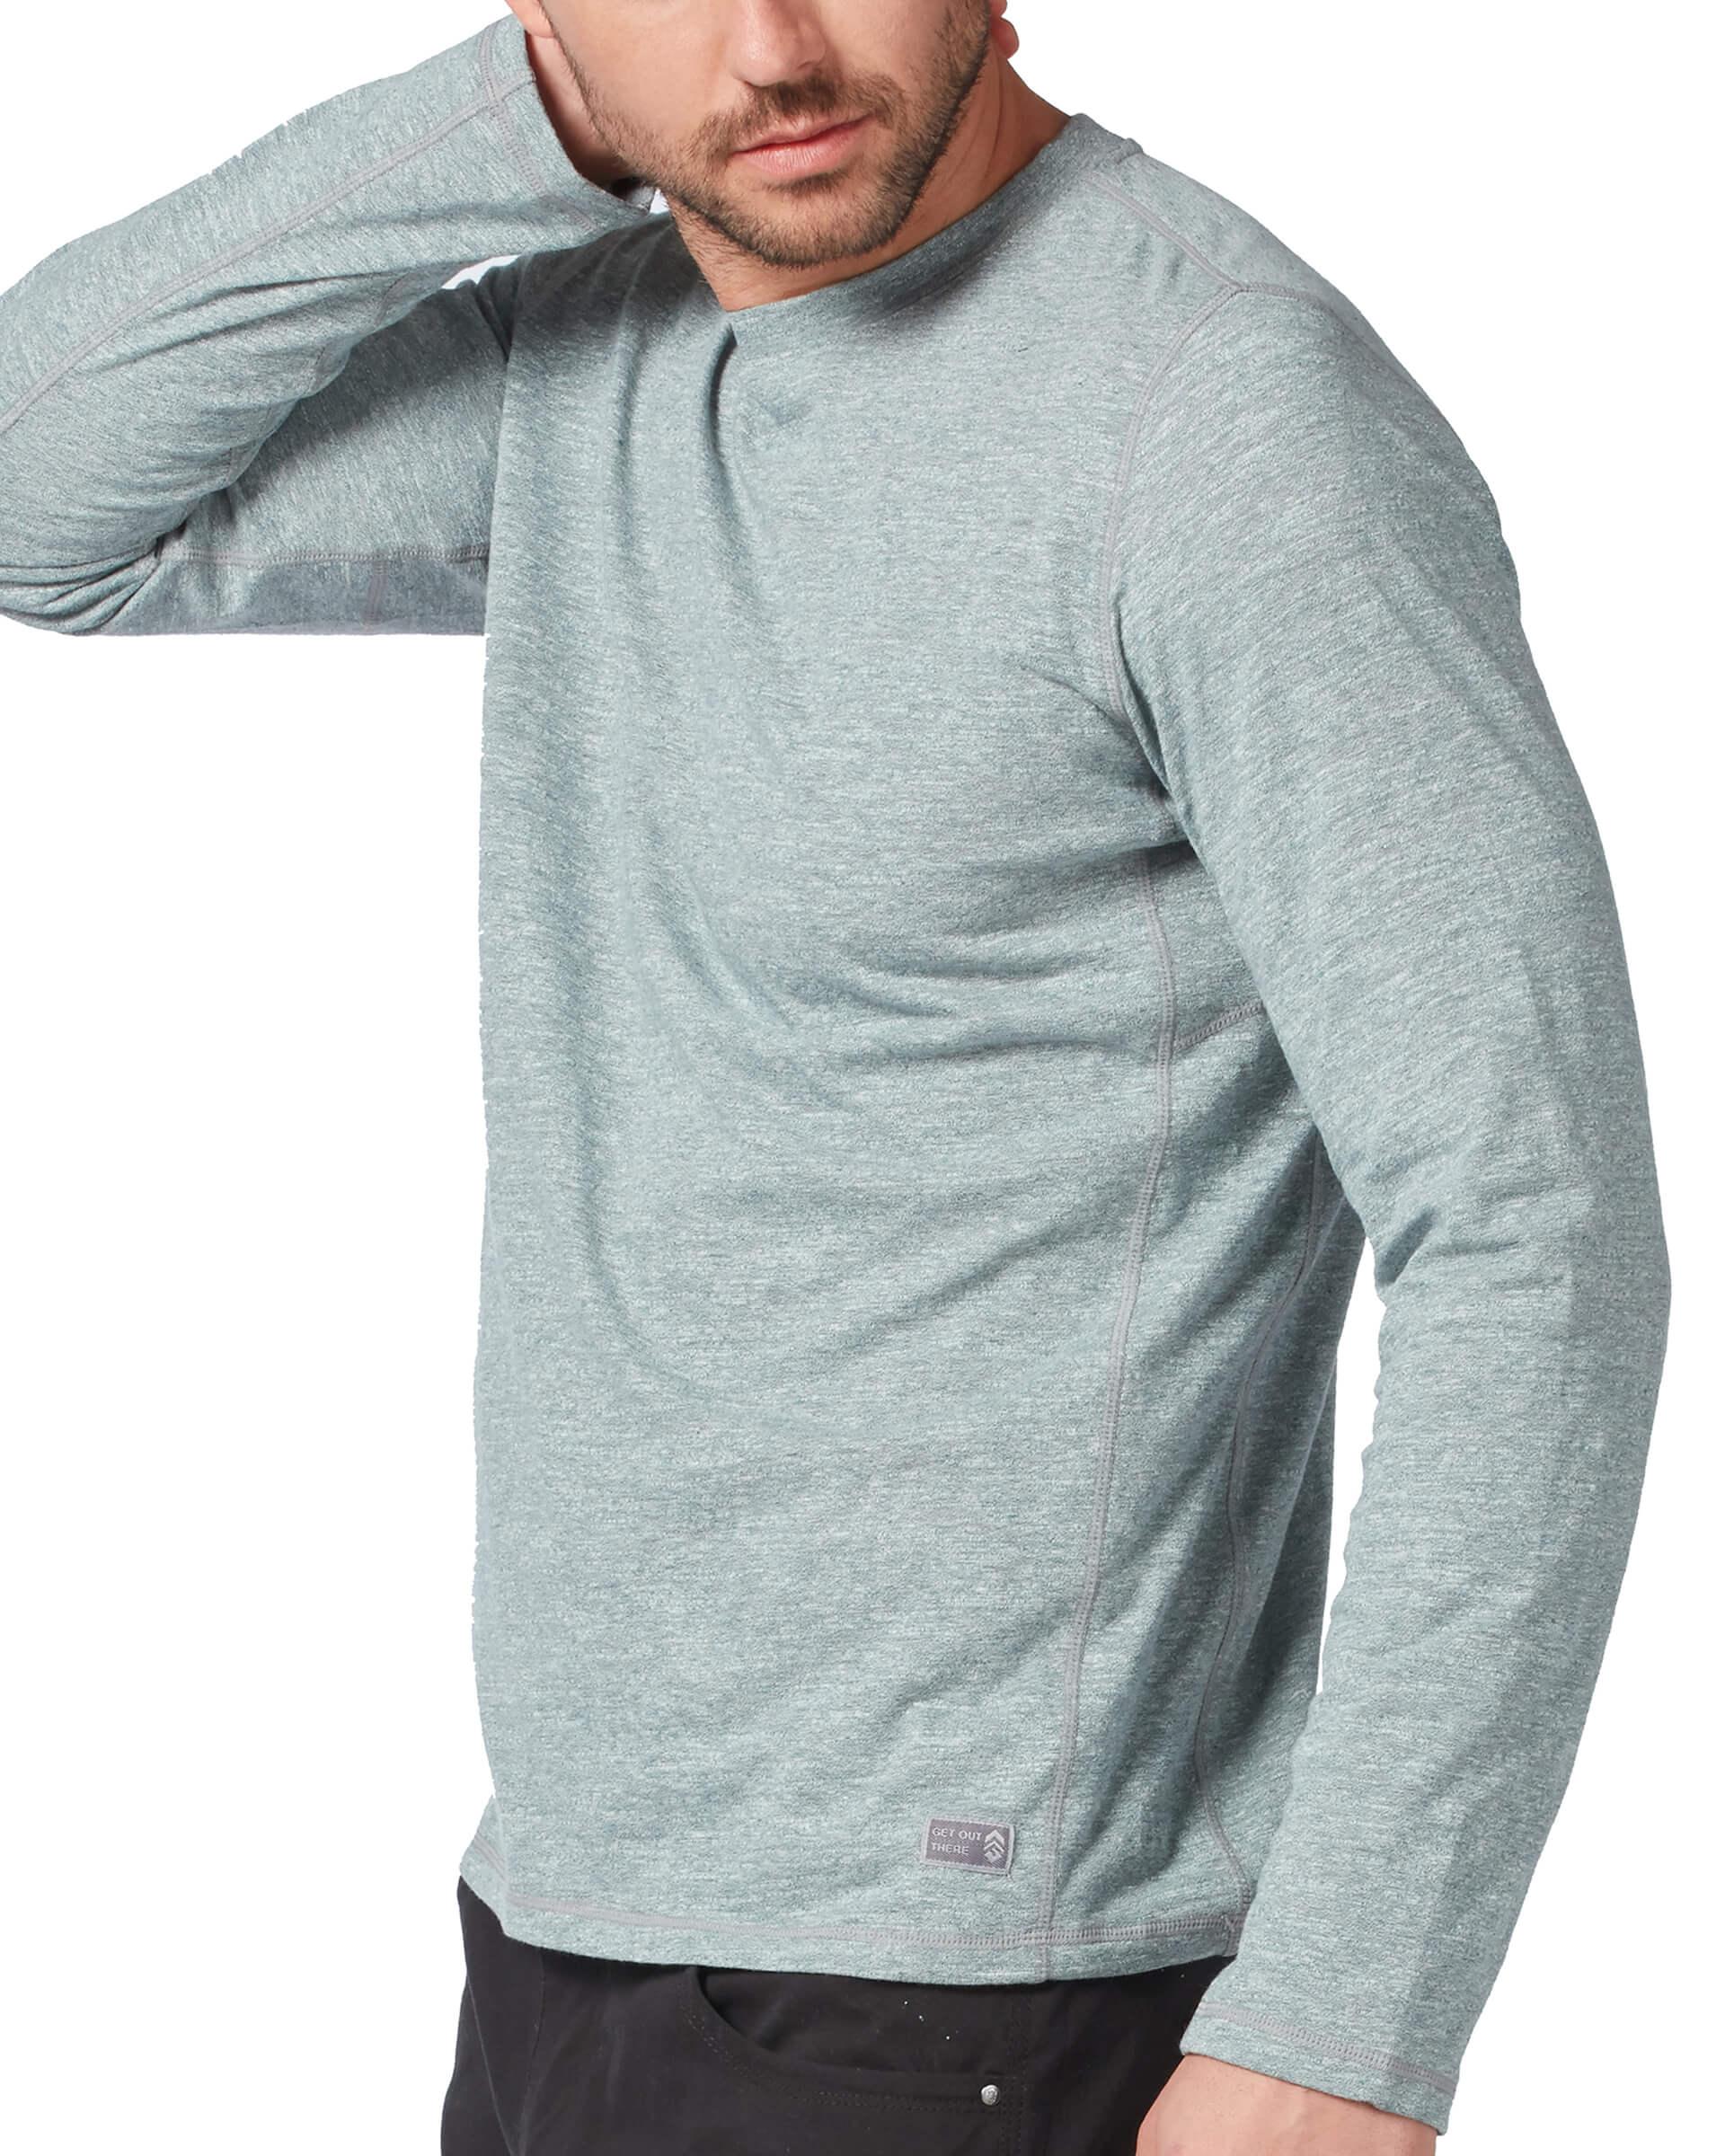 Men's Tech Textured Long Sleeve Tee